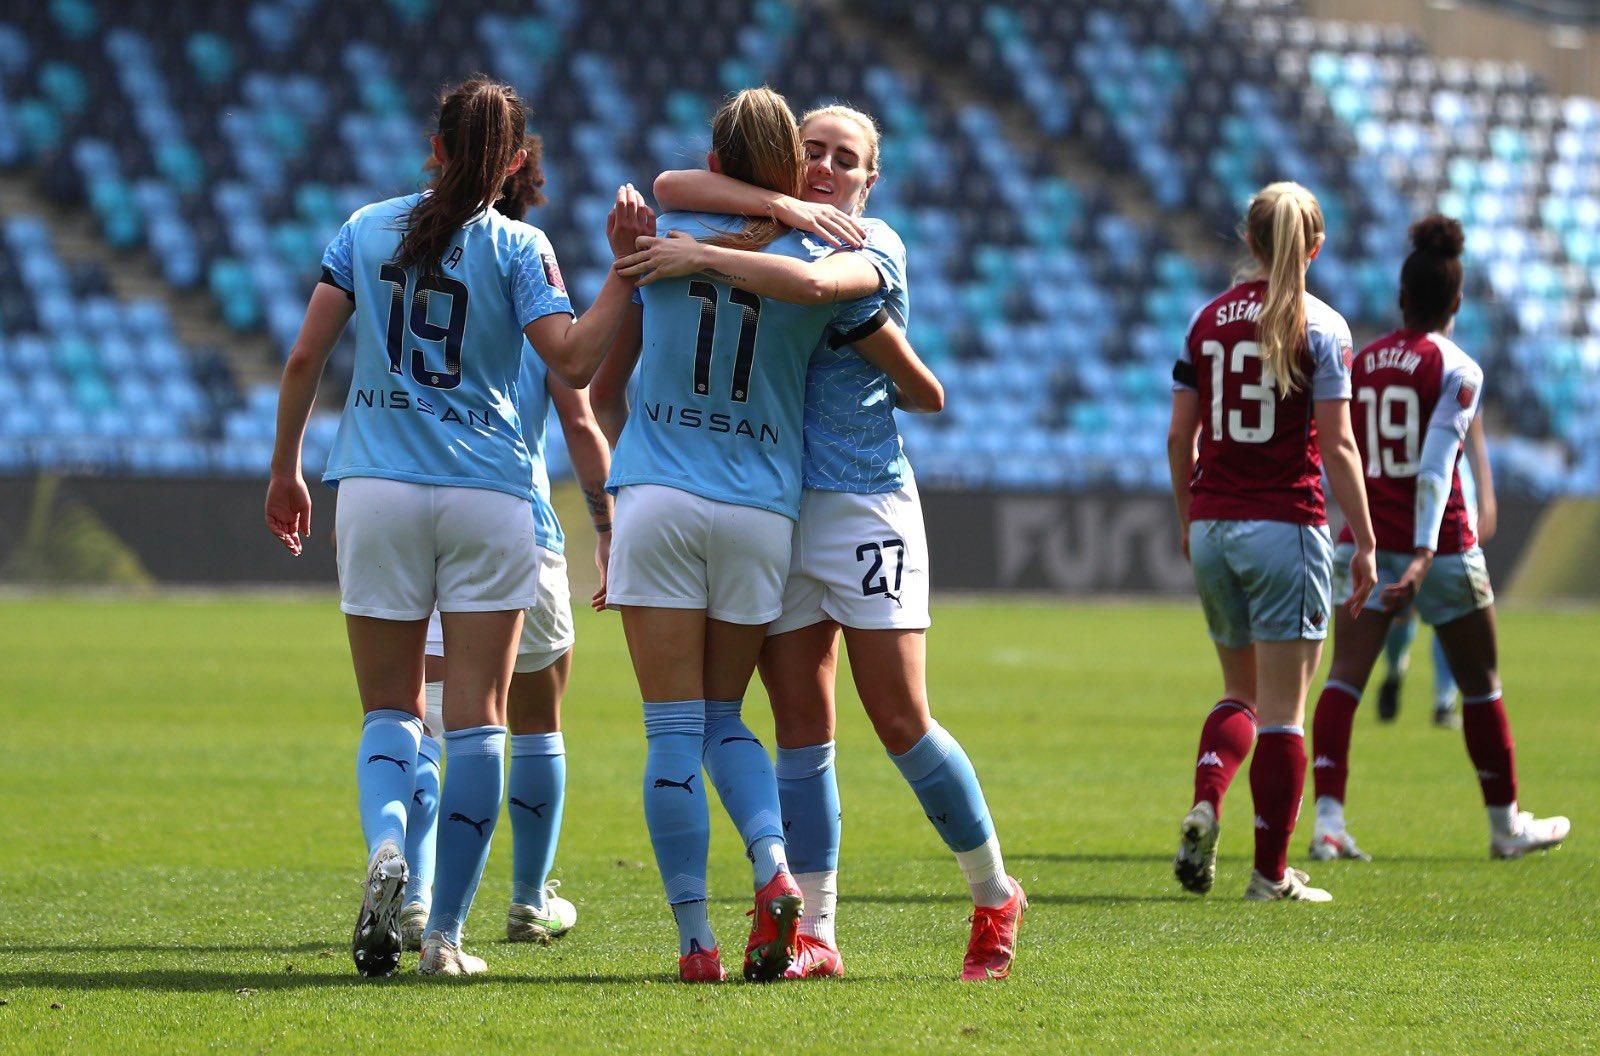 विश्वका ७० प्रतिशत महिला फुटबल क्लब घाटामा